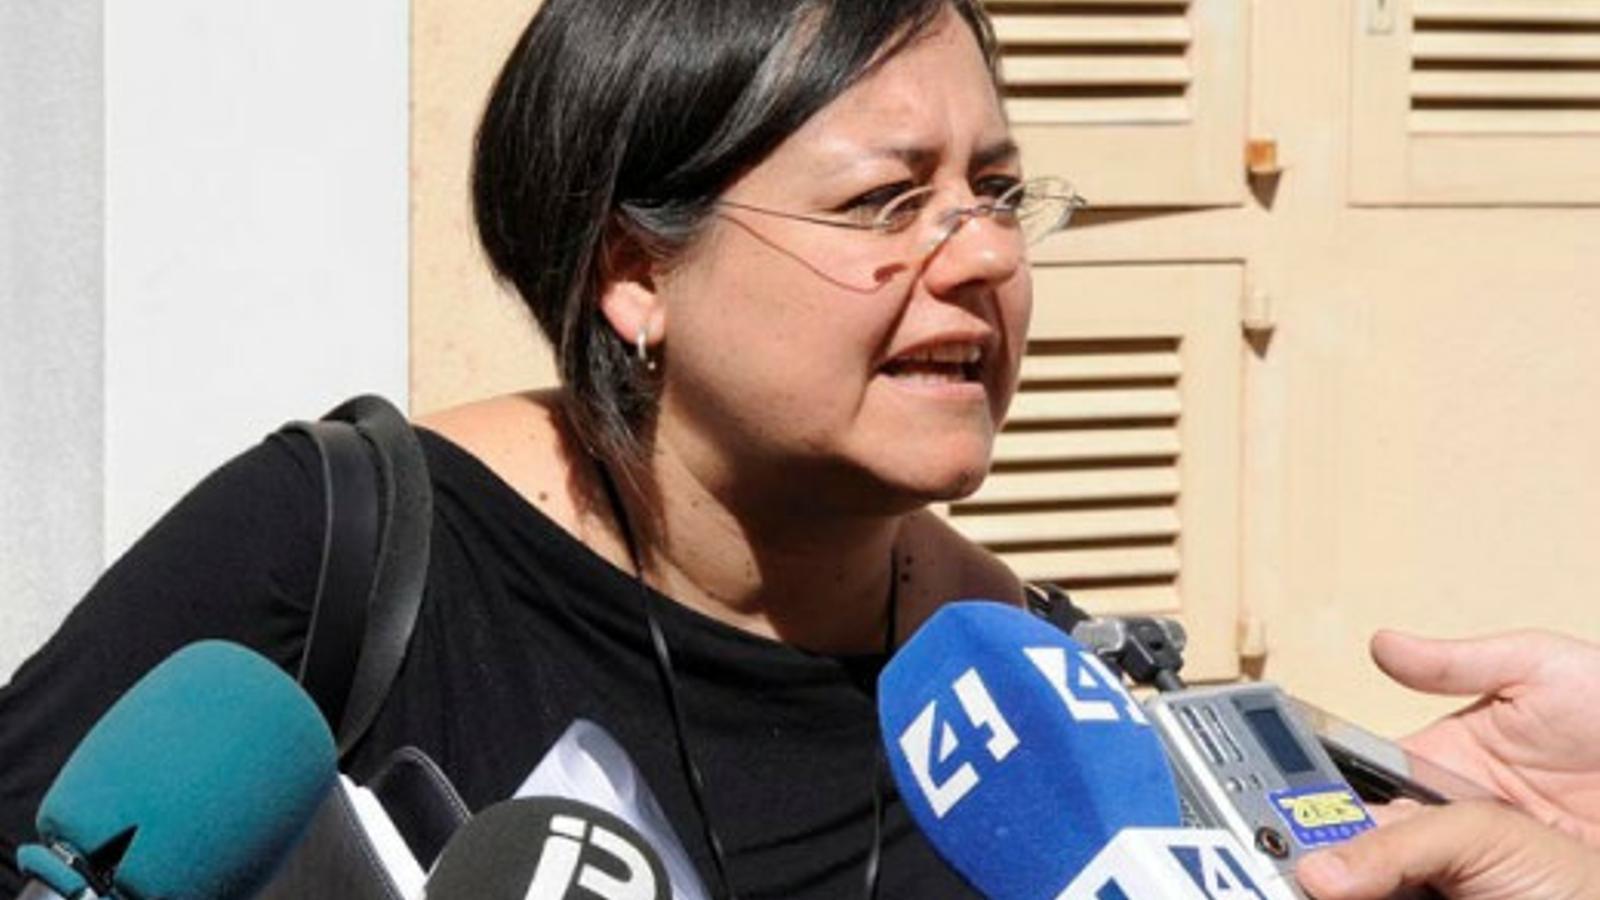 Cristina Gómez és la impulsura d'aquesta iniciativa que ha rebut el suport de l'equip de govern.